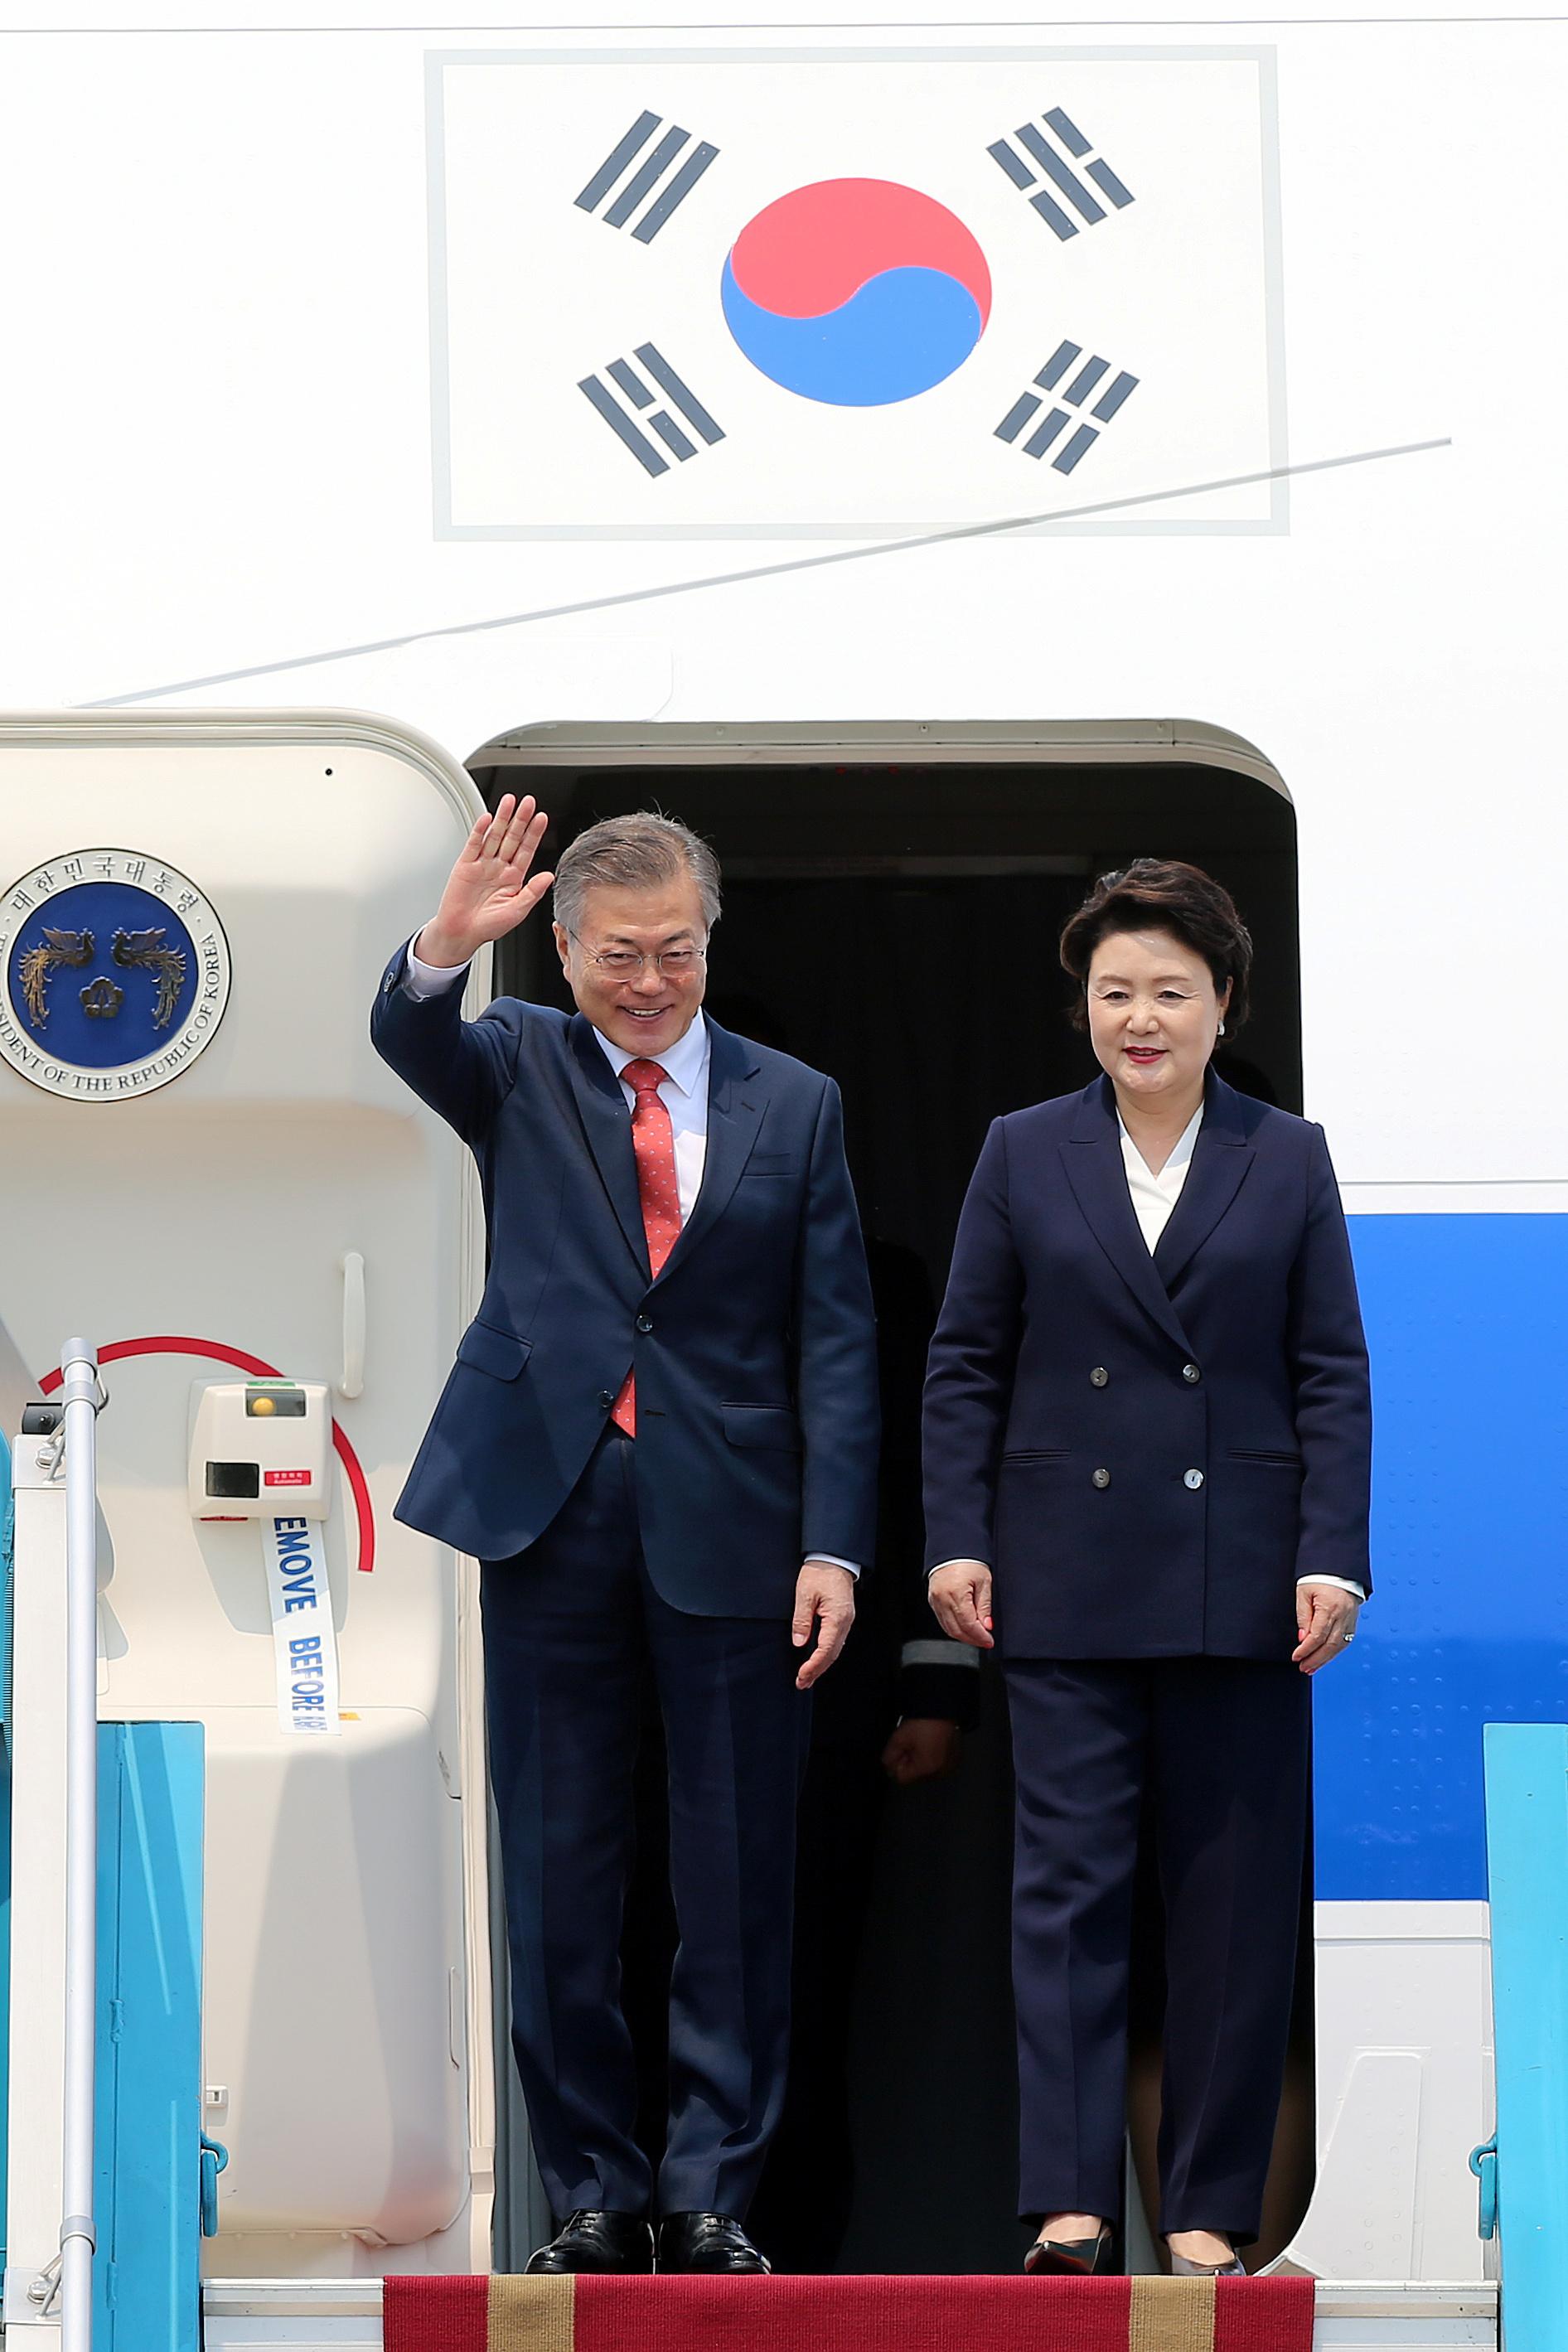 رئيس كوريا الجنوبية يصل فيتنام